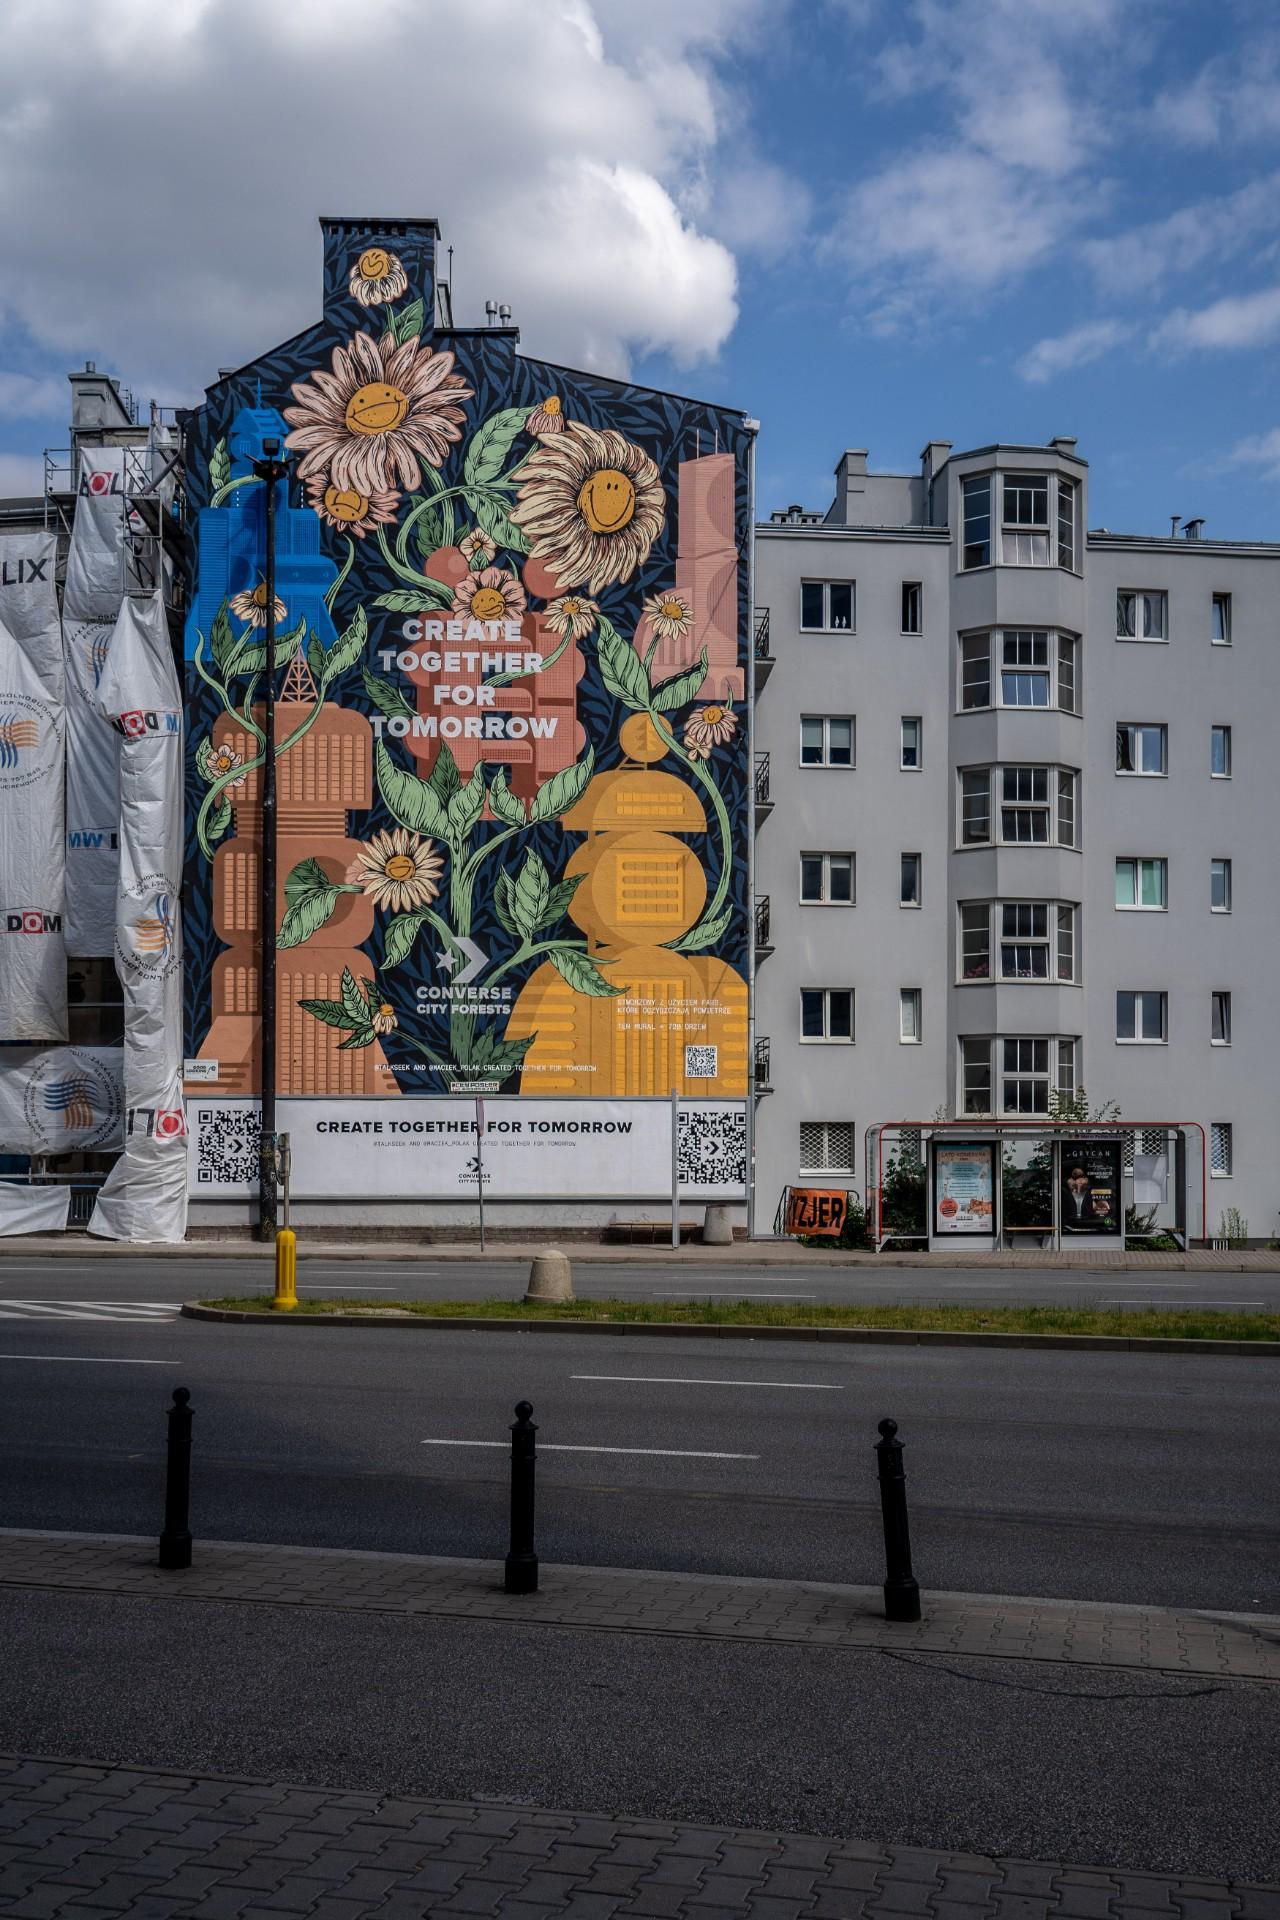 WWarszawie pojawił się mural, którypochłania zanieczyszczenia powietrza. Tojeden z14 takich naświecie